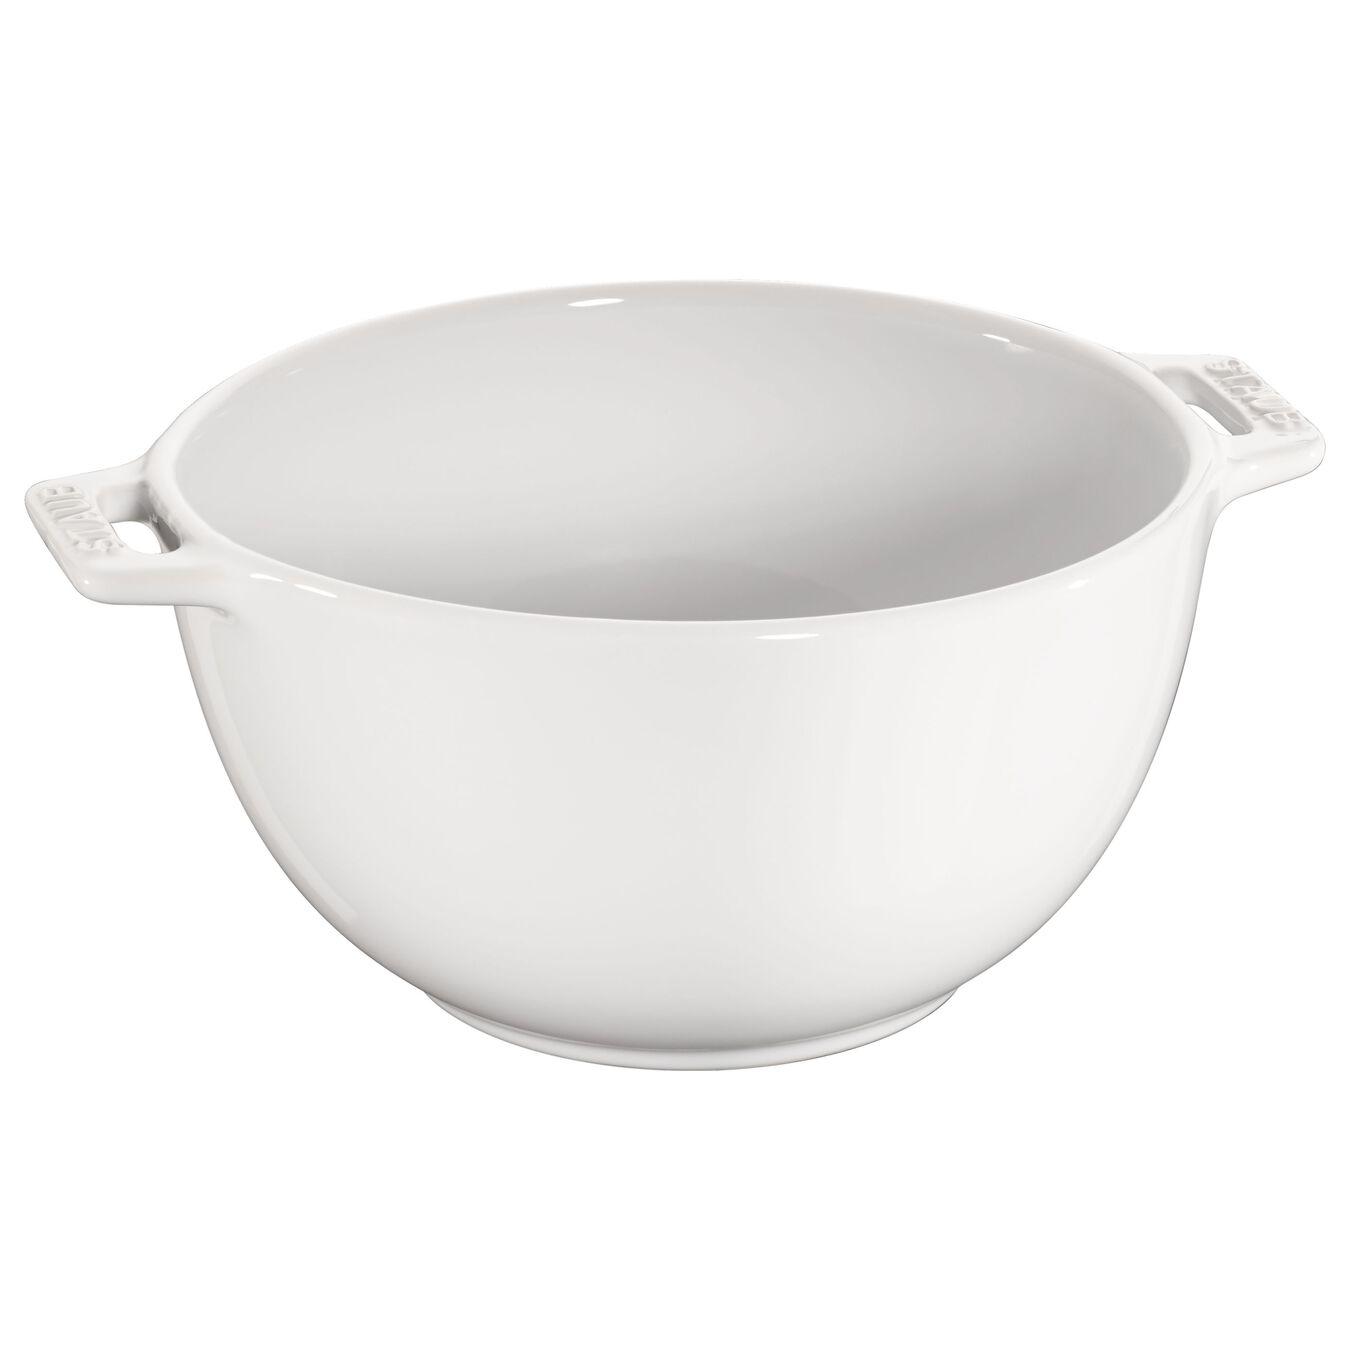 18 cm Ceramic round Bowl, Pure-White,,large 1